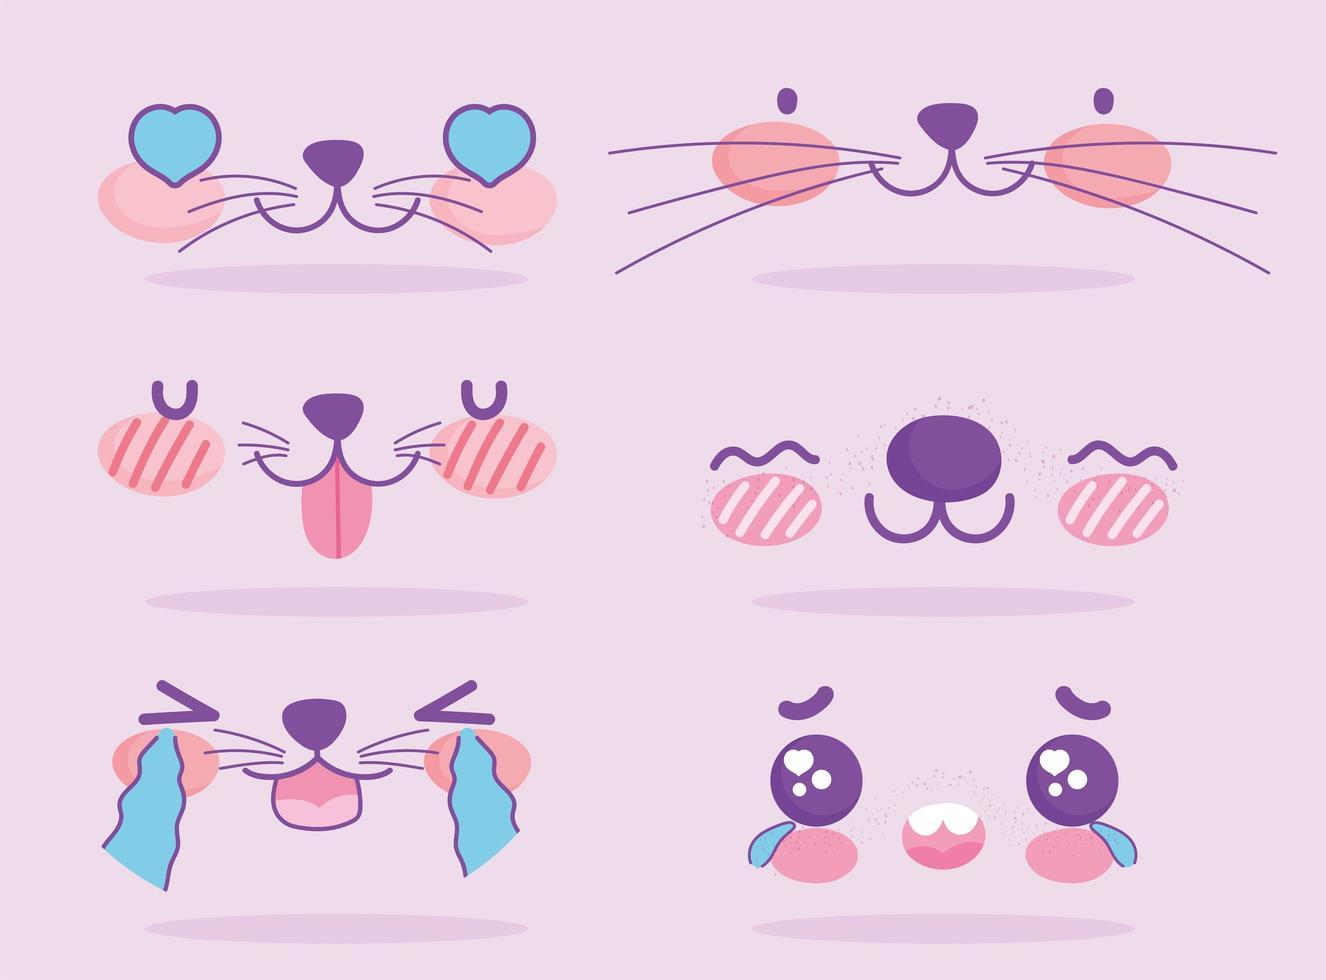 conjunto emoji de expressões faciais kawaii fofas vetor